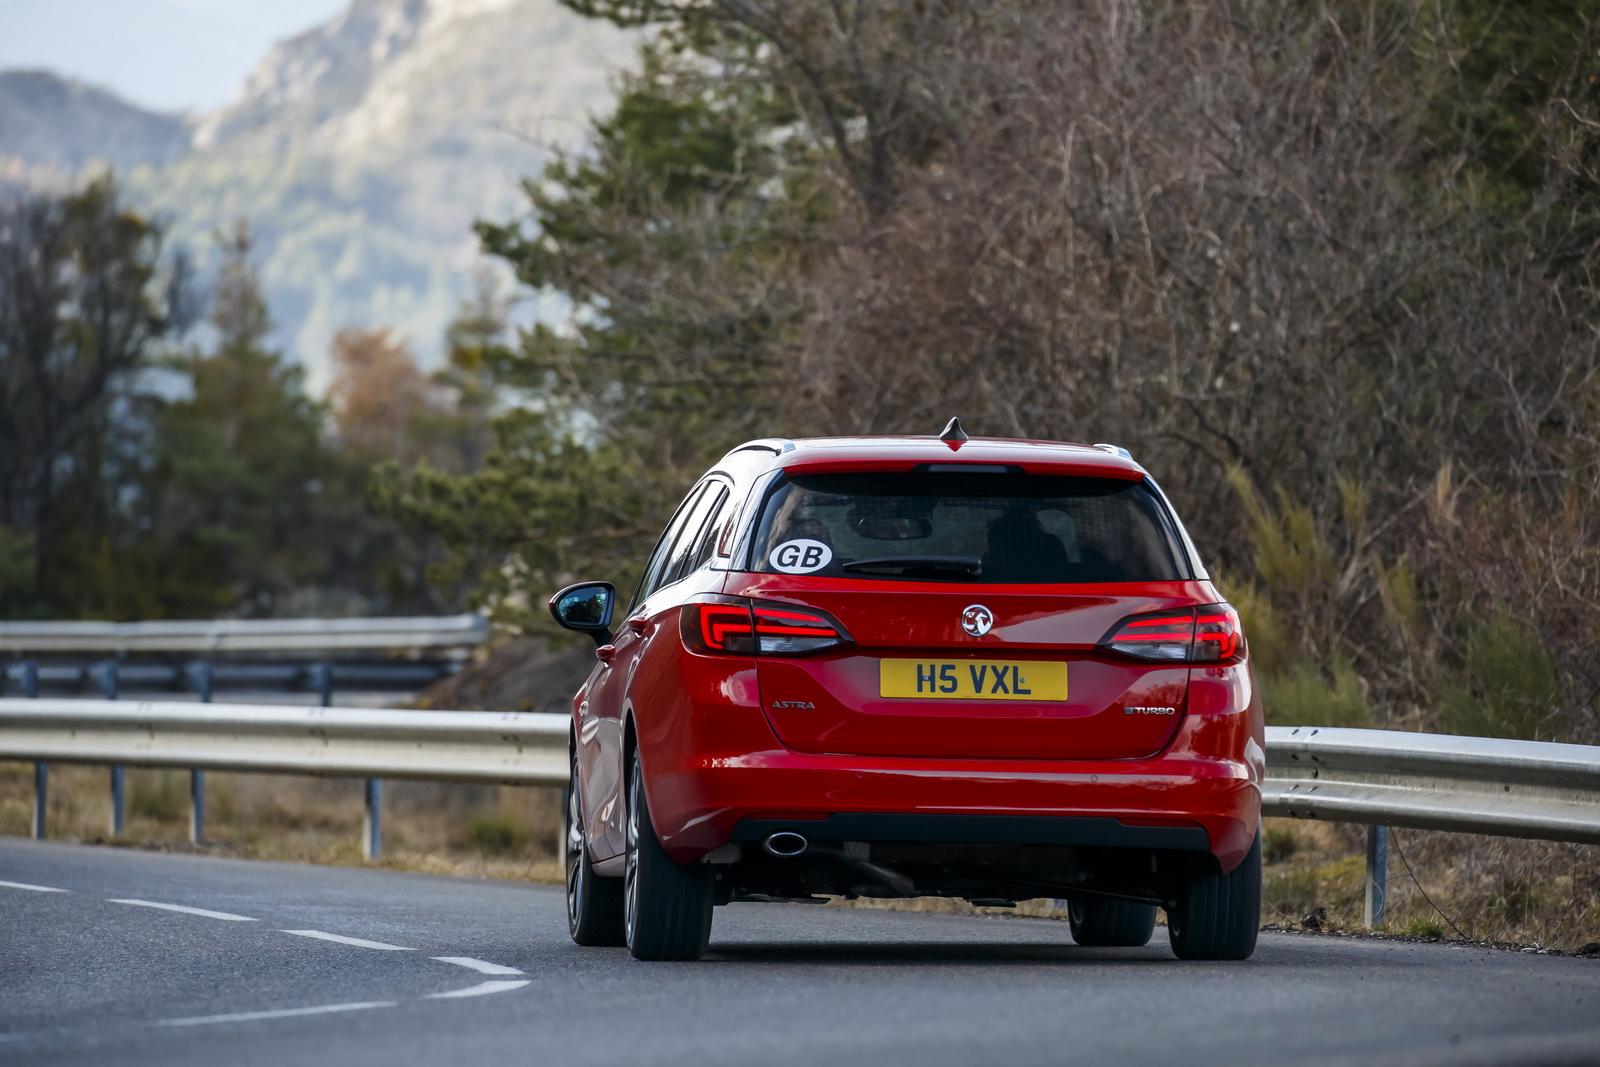 Vauxhall Astra Sports Tourer 2016 giá bắt đầu từ 16.585 bảng Anh